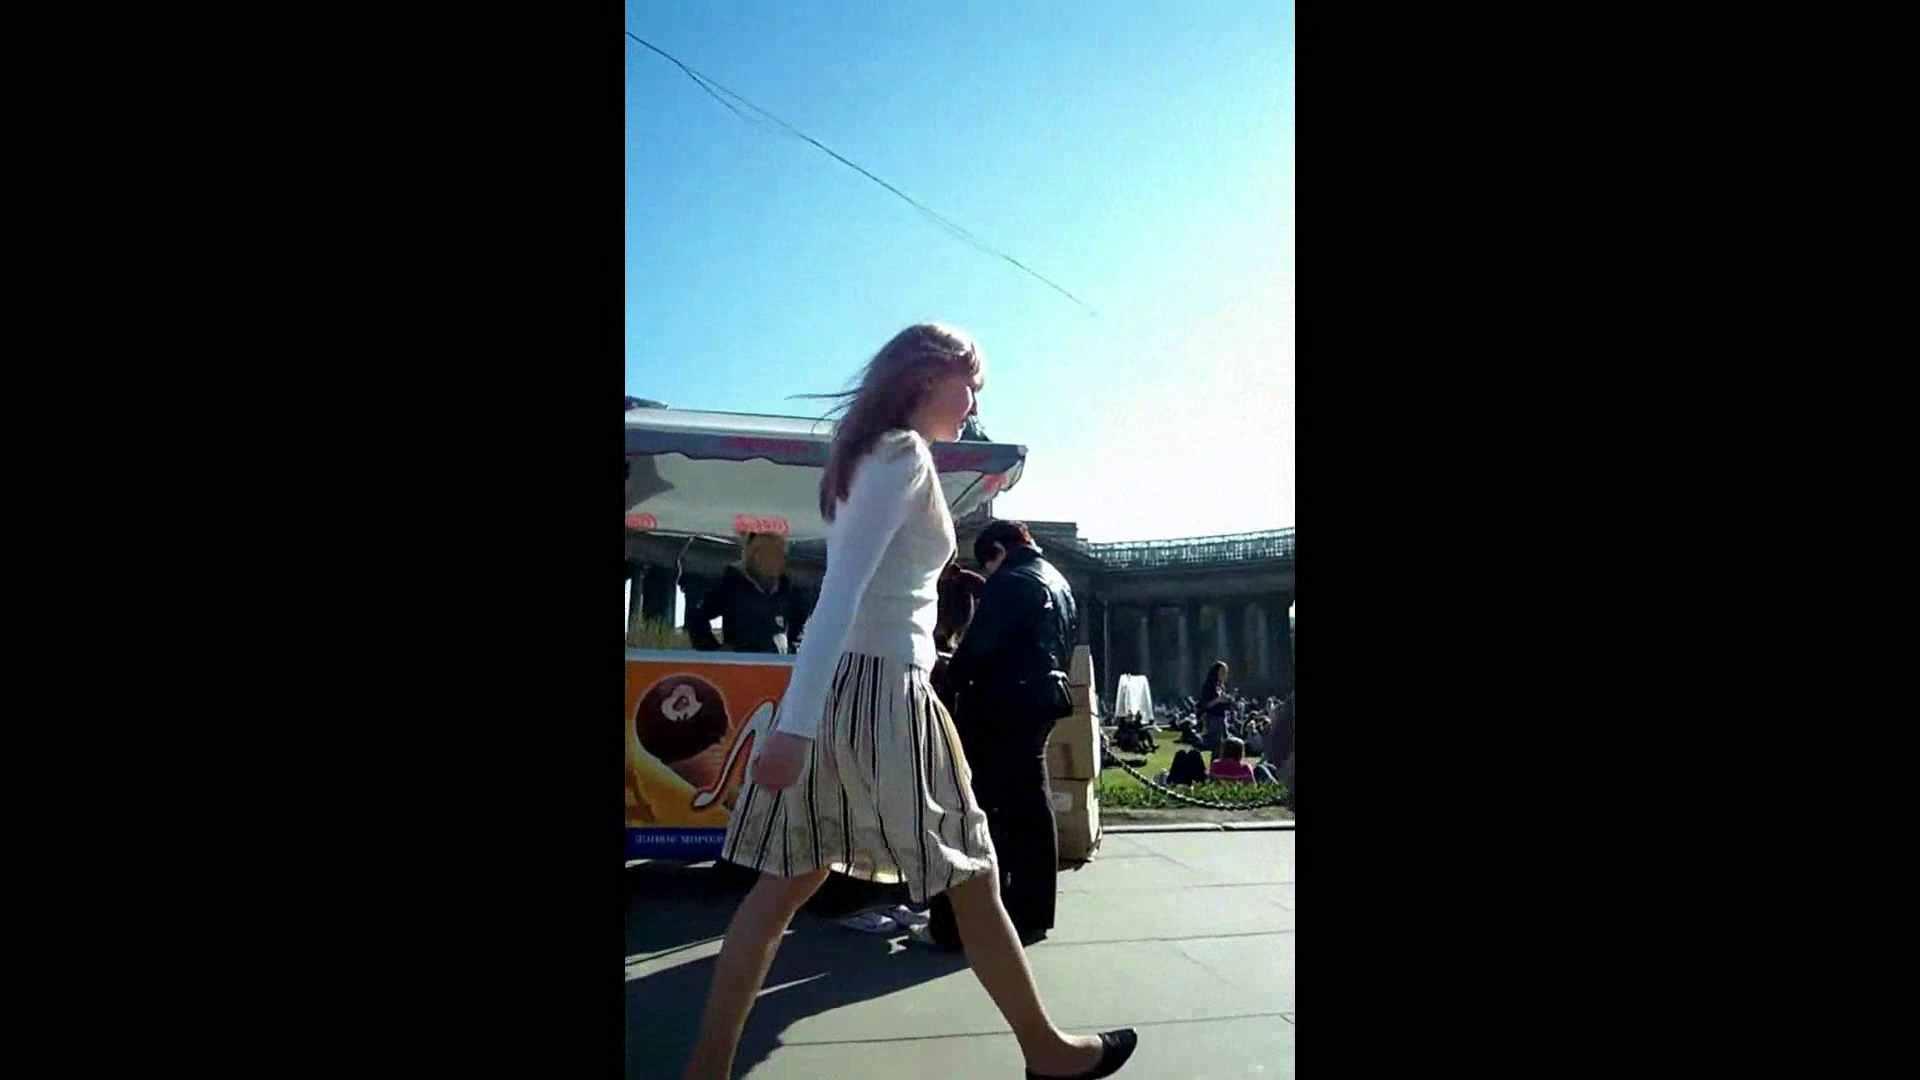 綺麗なモデルさんのスカート捲っちゃおう‼vol01 Hなお姉さん | モデルヌード  74pic 20